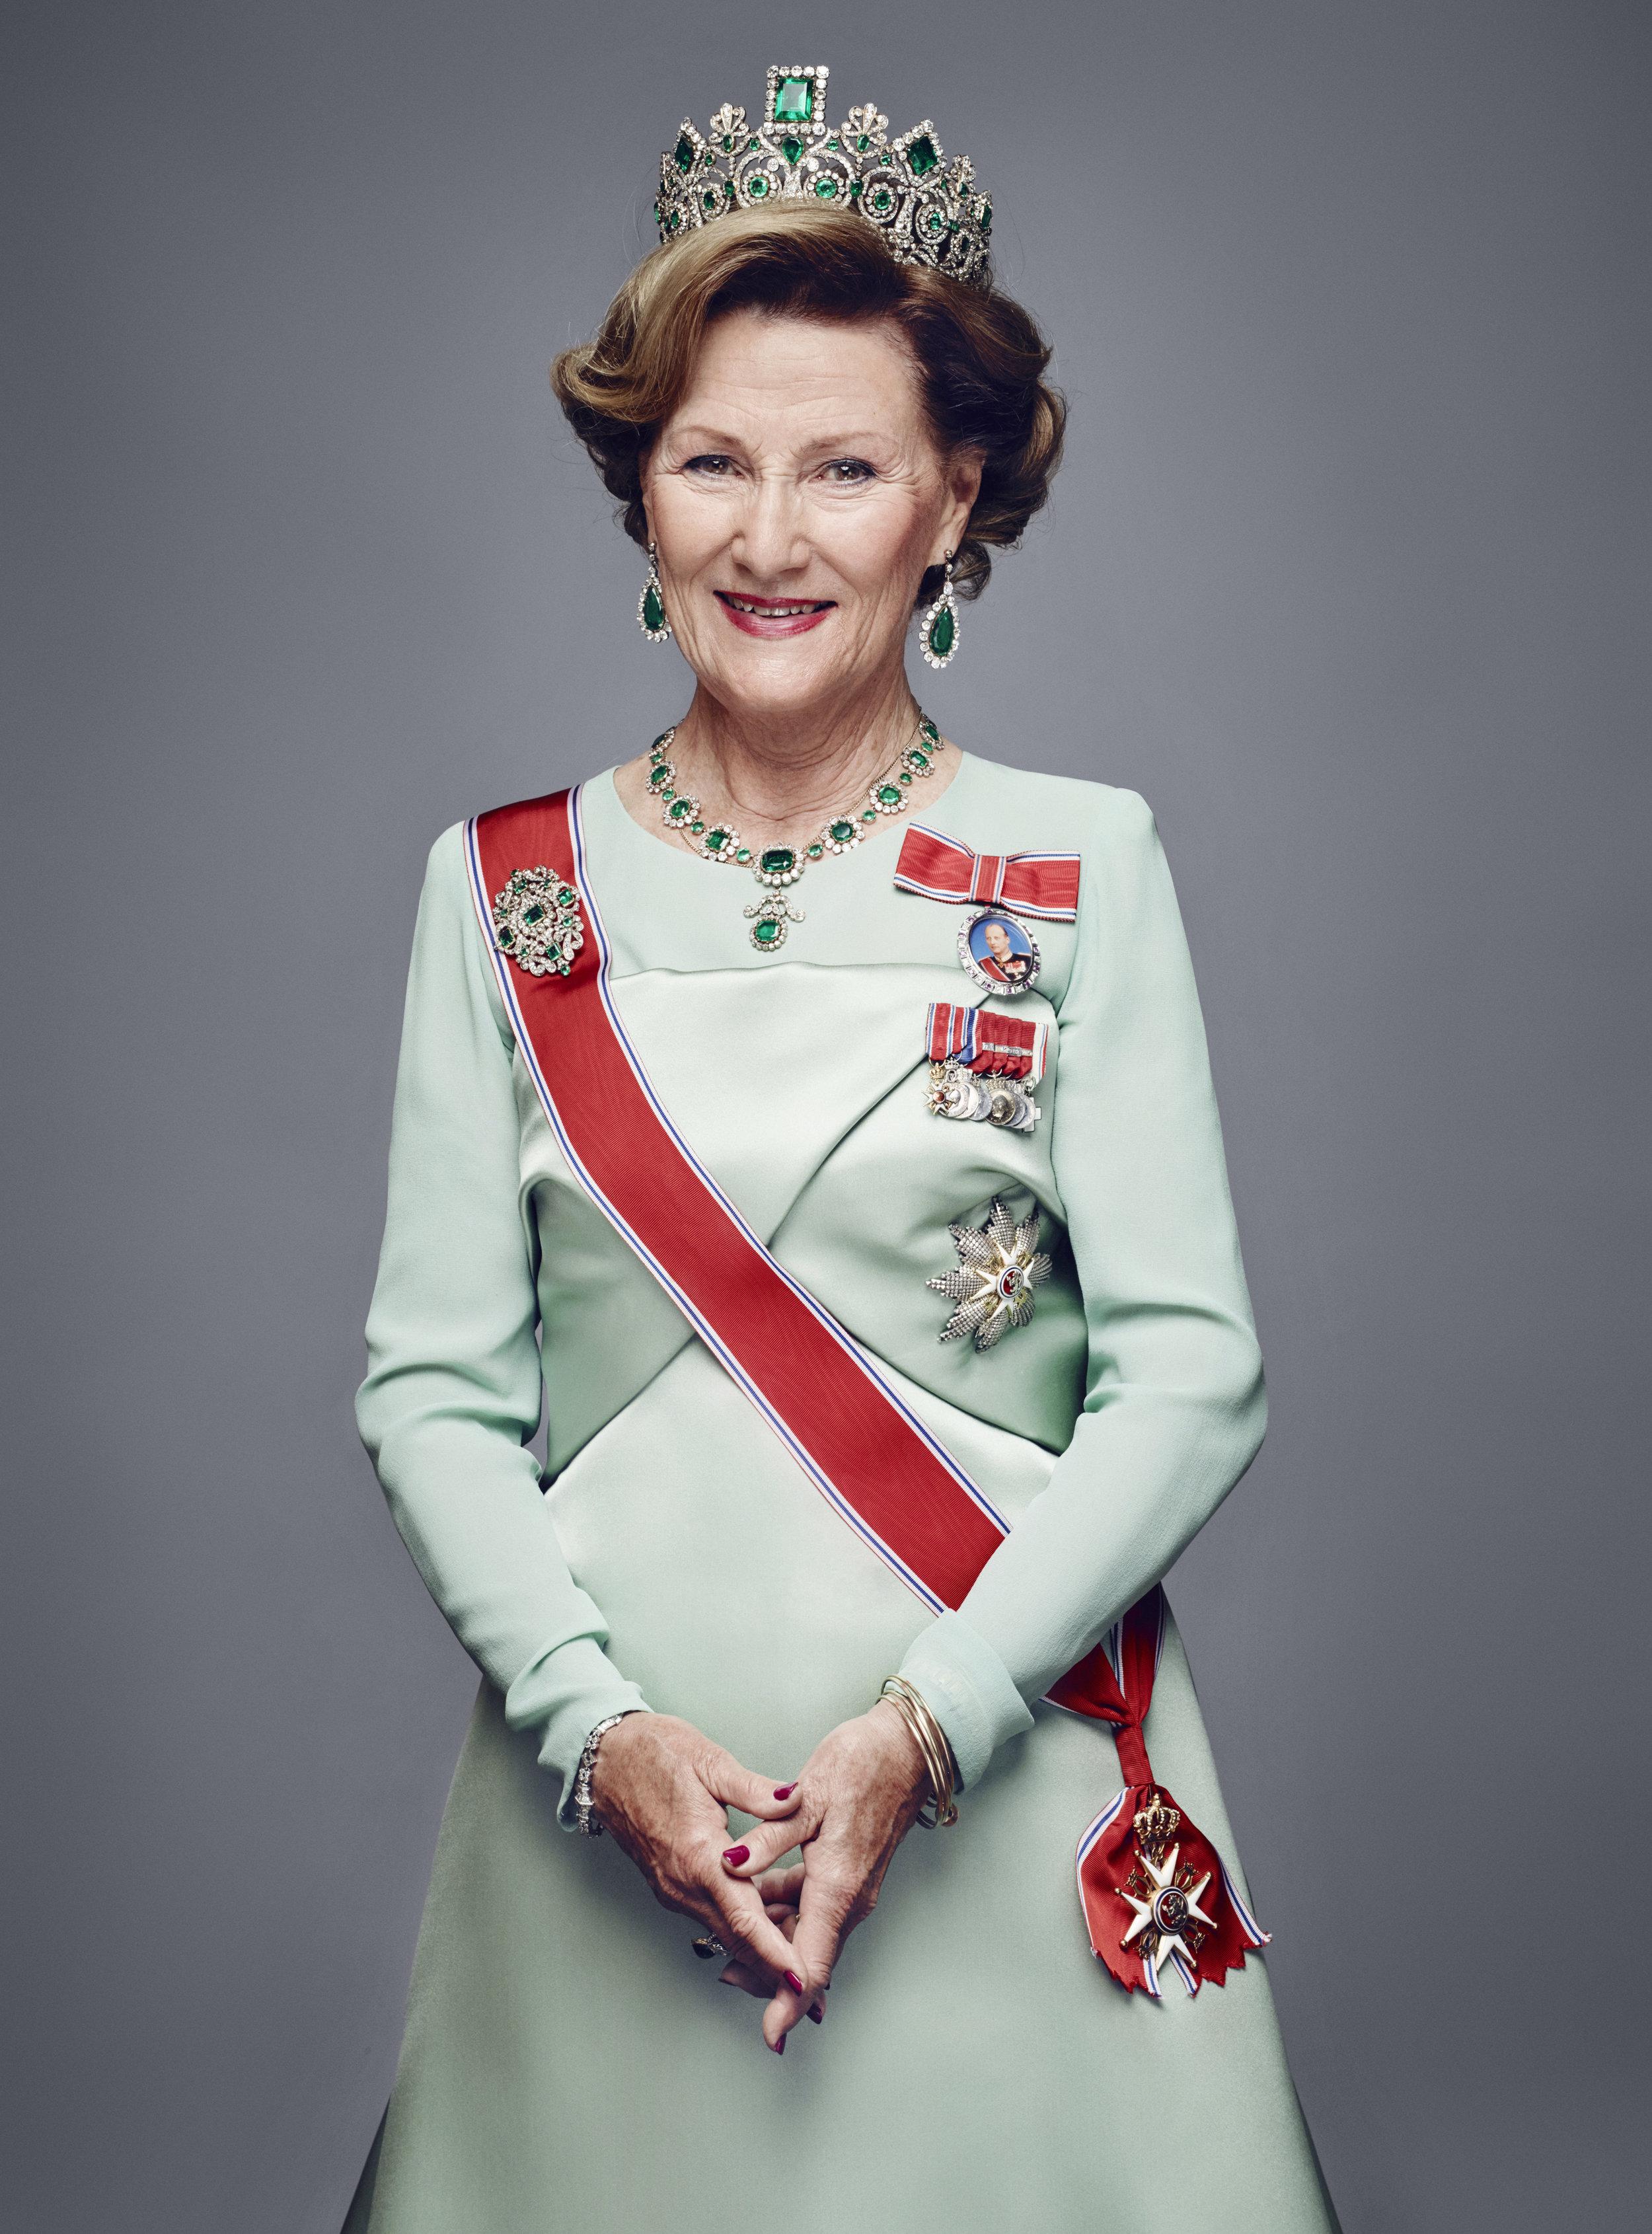 So kennt man Sonja: Mit Kronjuwelen und Schärpe nimmt sie bei öffentlichen Anlässen teil   Foto: hoto: Jørgen Gomnæs, The Royal Court